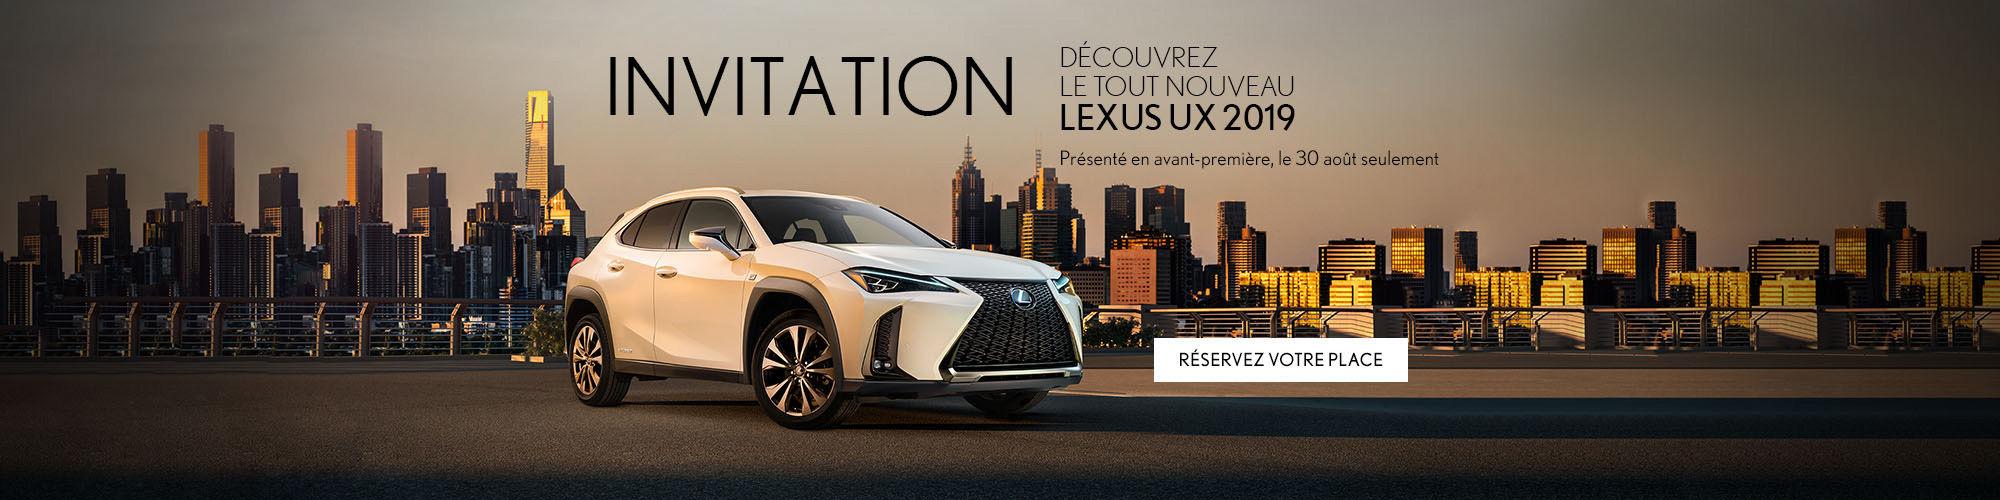 Lexus UX 2019 - Lexus Pointe-Claire